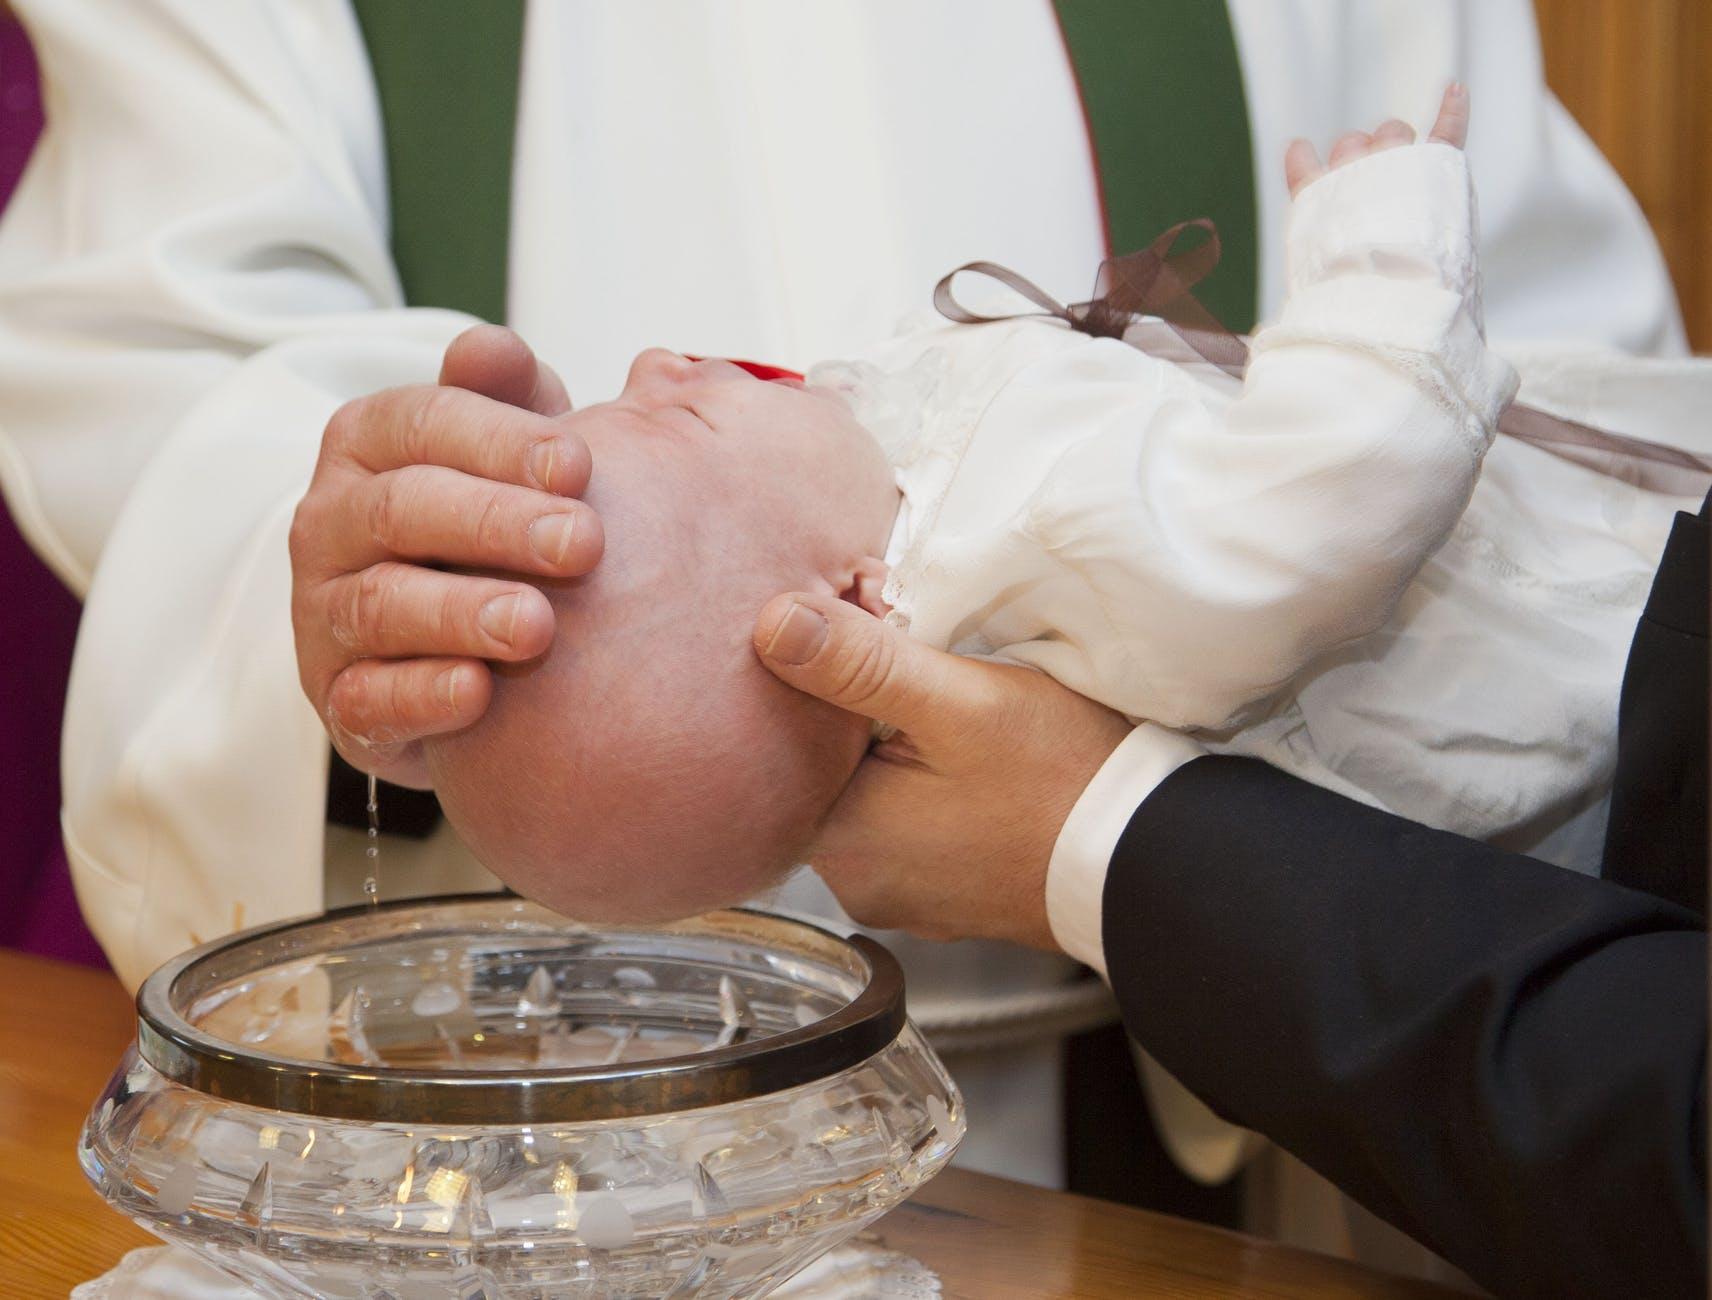 Médaille de baptême : les critères de choix